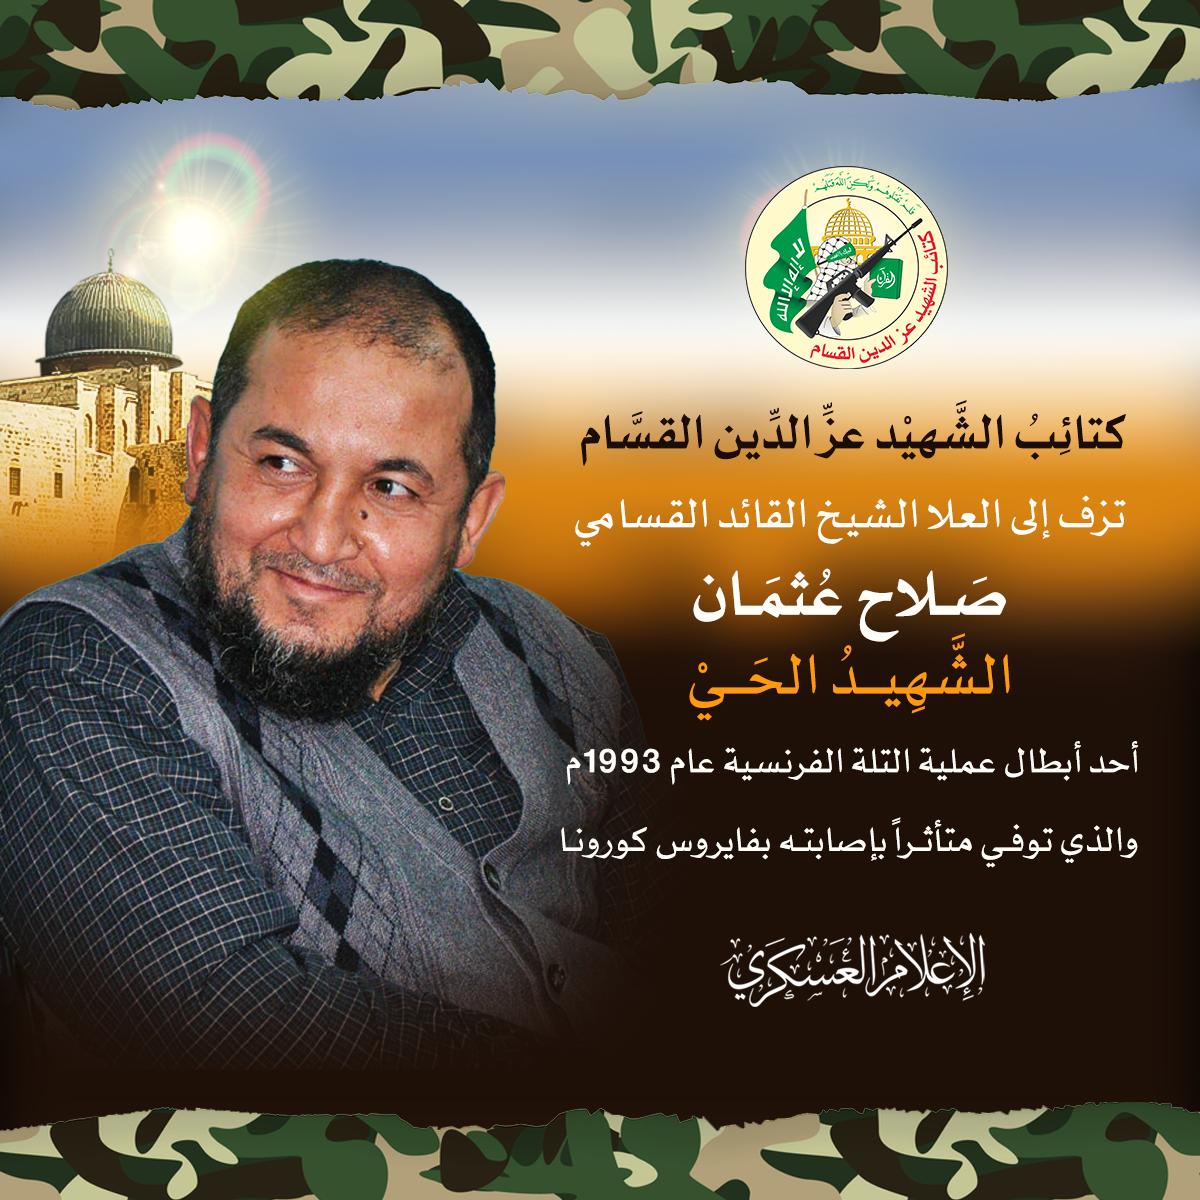 القائد القسامي الشهيد / صلاح مصطفى عثمان